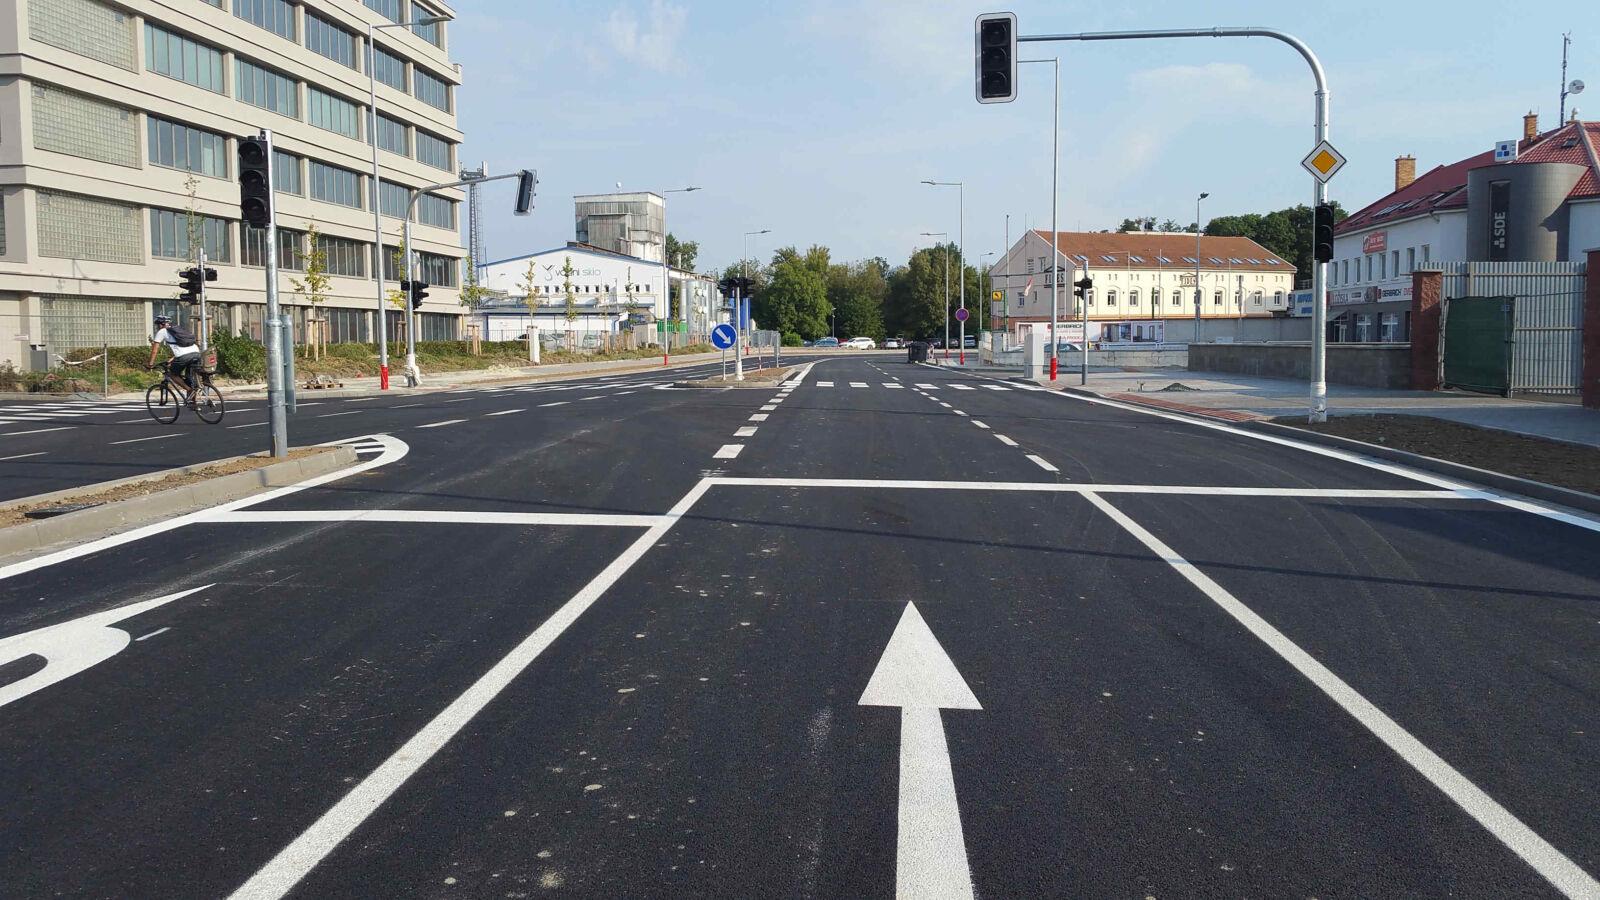 Křižovatka Dornych & Kovářská aneb proměny města